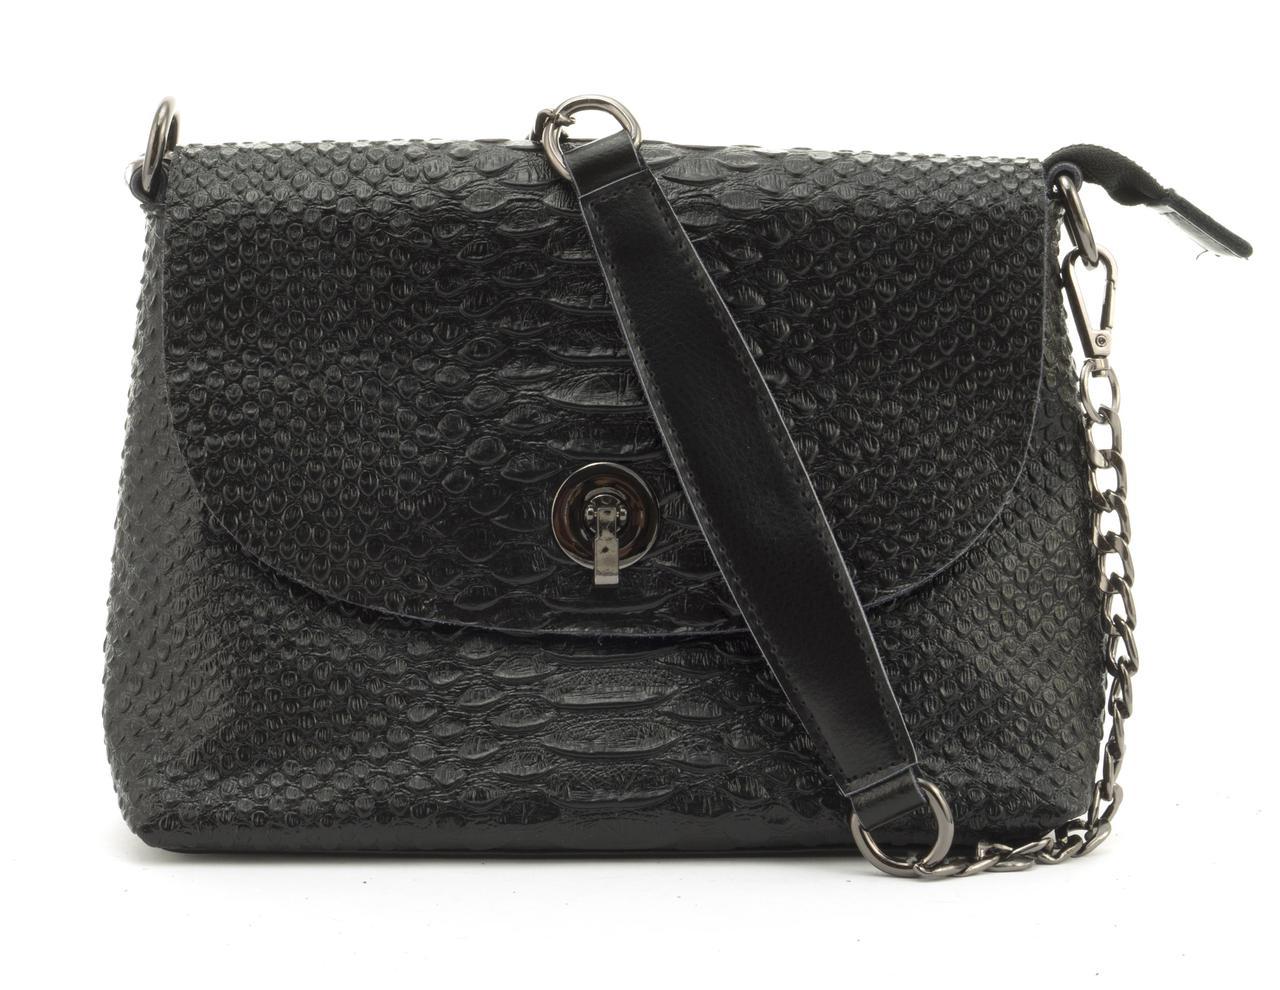 Маленькая стильная кожаная женская сумочка с тиснением под рептилию GALANTY art. 1030 черная